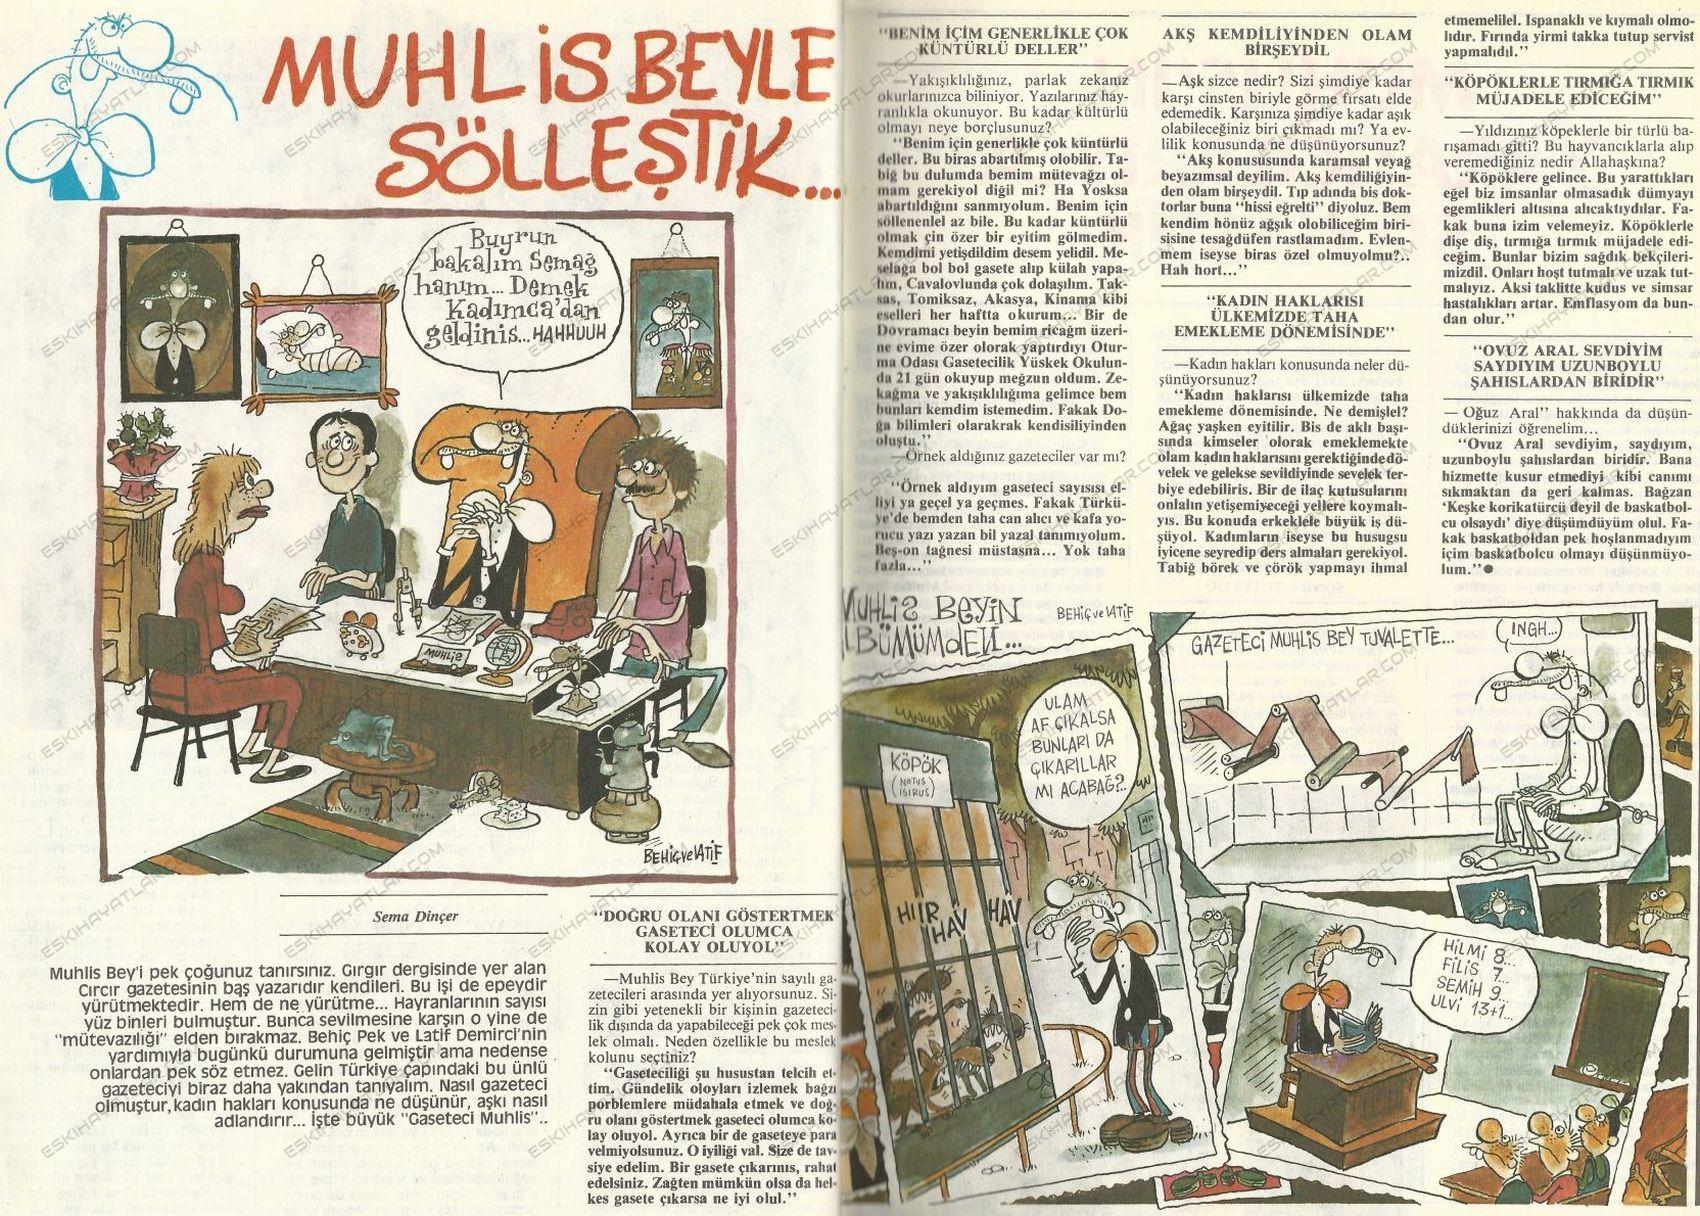 0160-latif-demirci-kimdir-1984-muhlis-bey-behic-pek-kimdir (2)